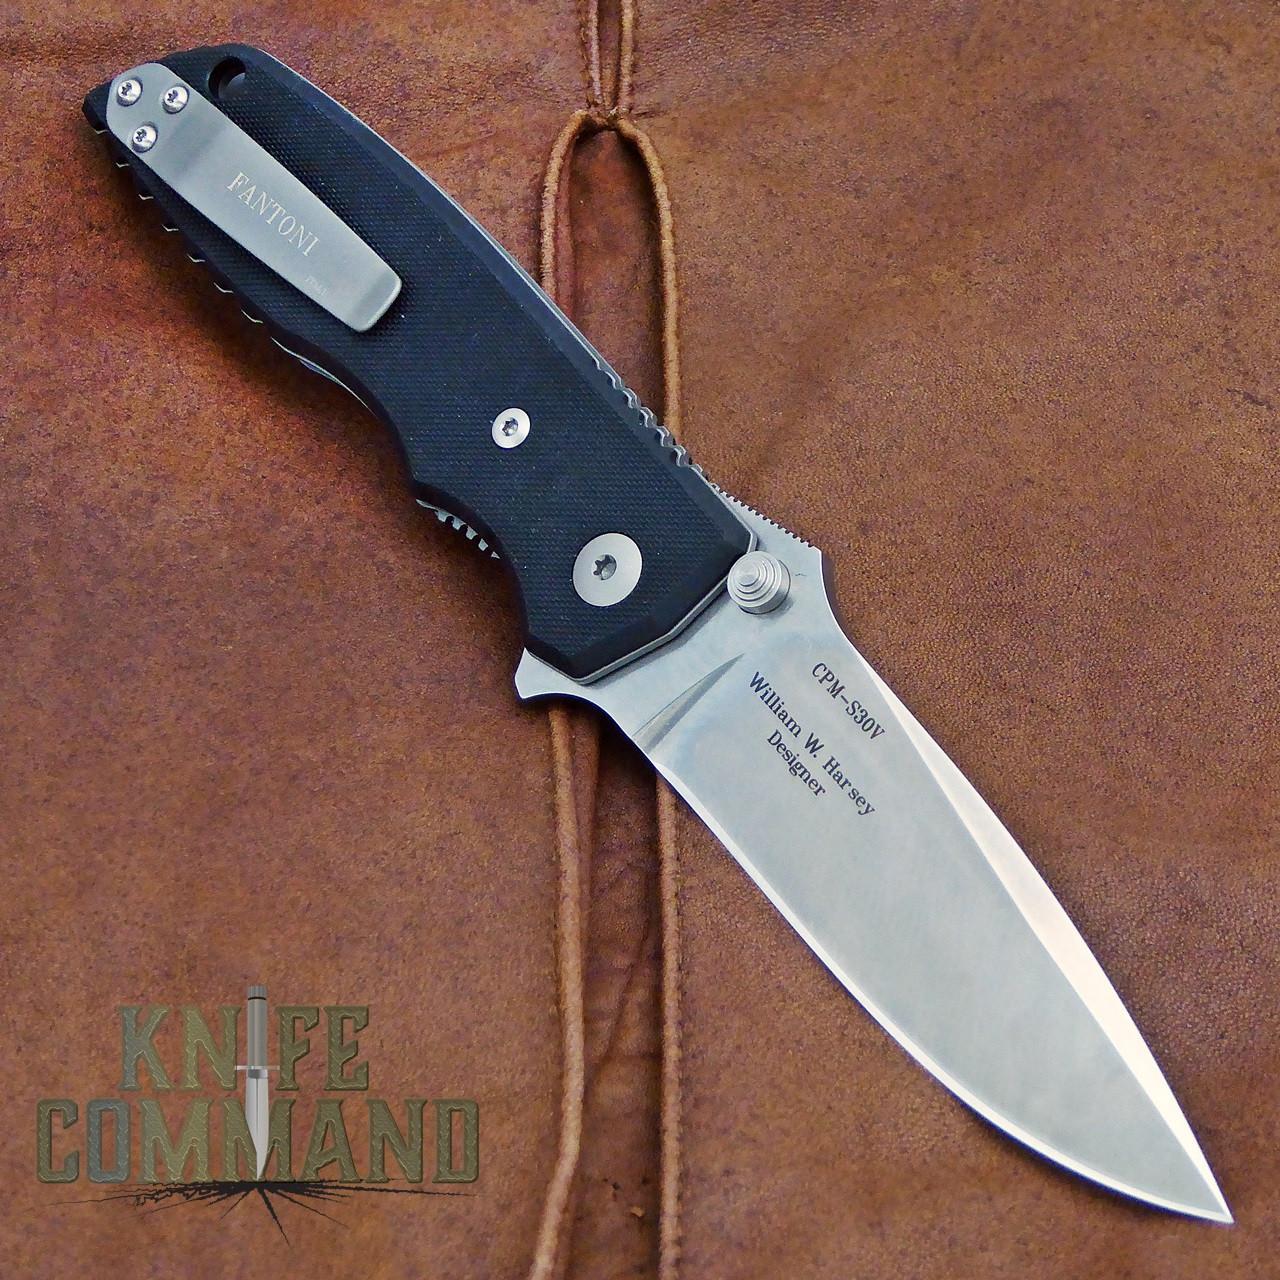 Fantoni HB 01 William Harsey Combat Folder Tactical Knife S30V.  William Harsey designed.